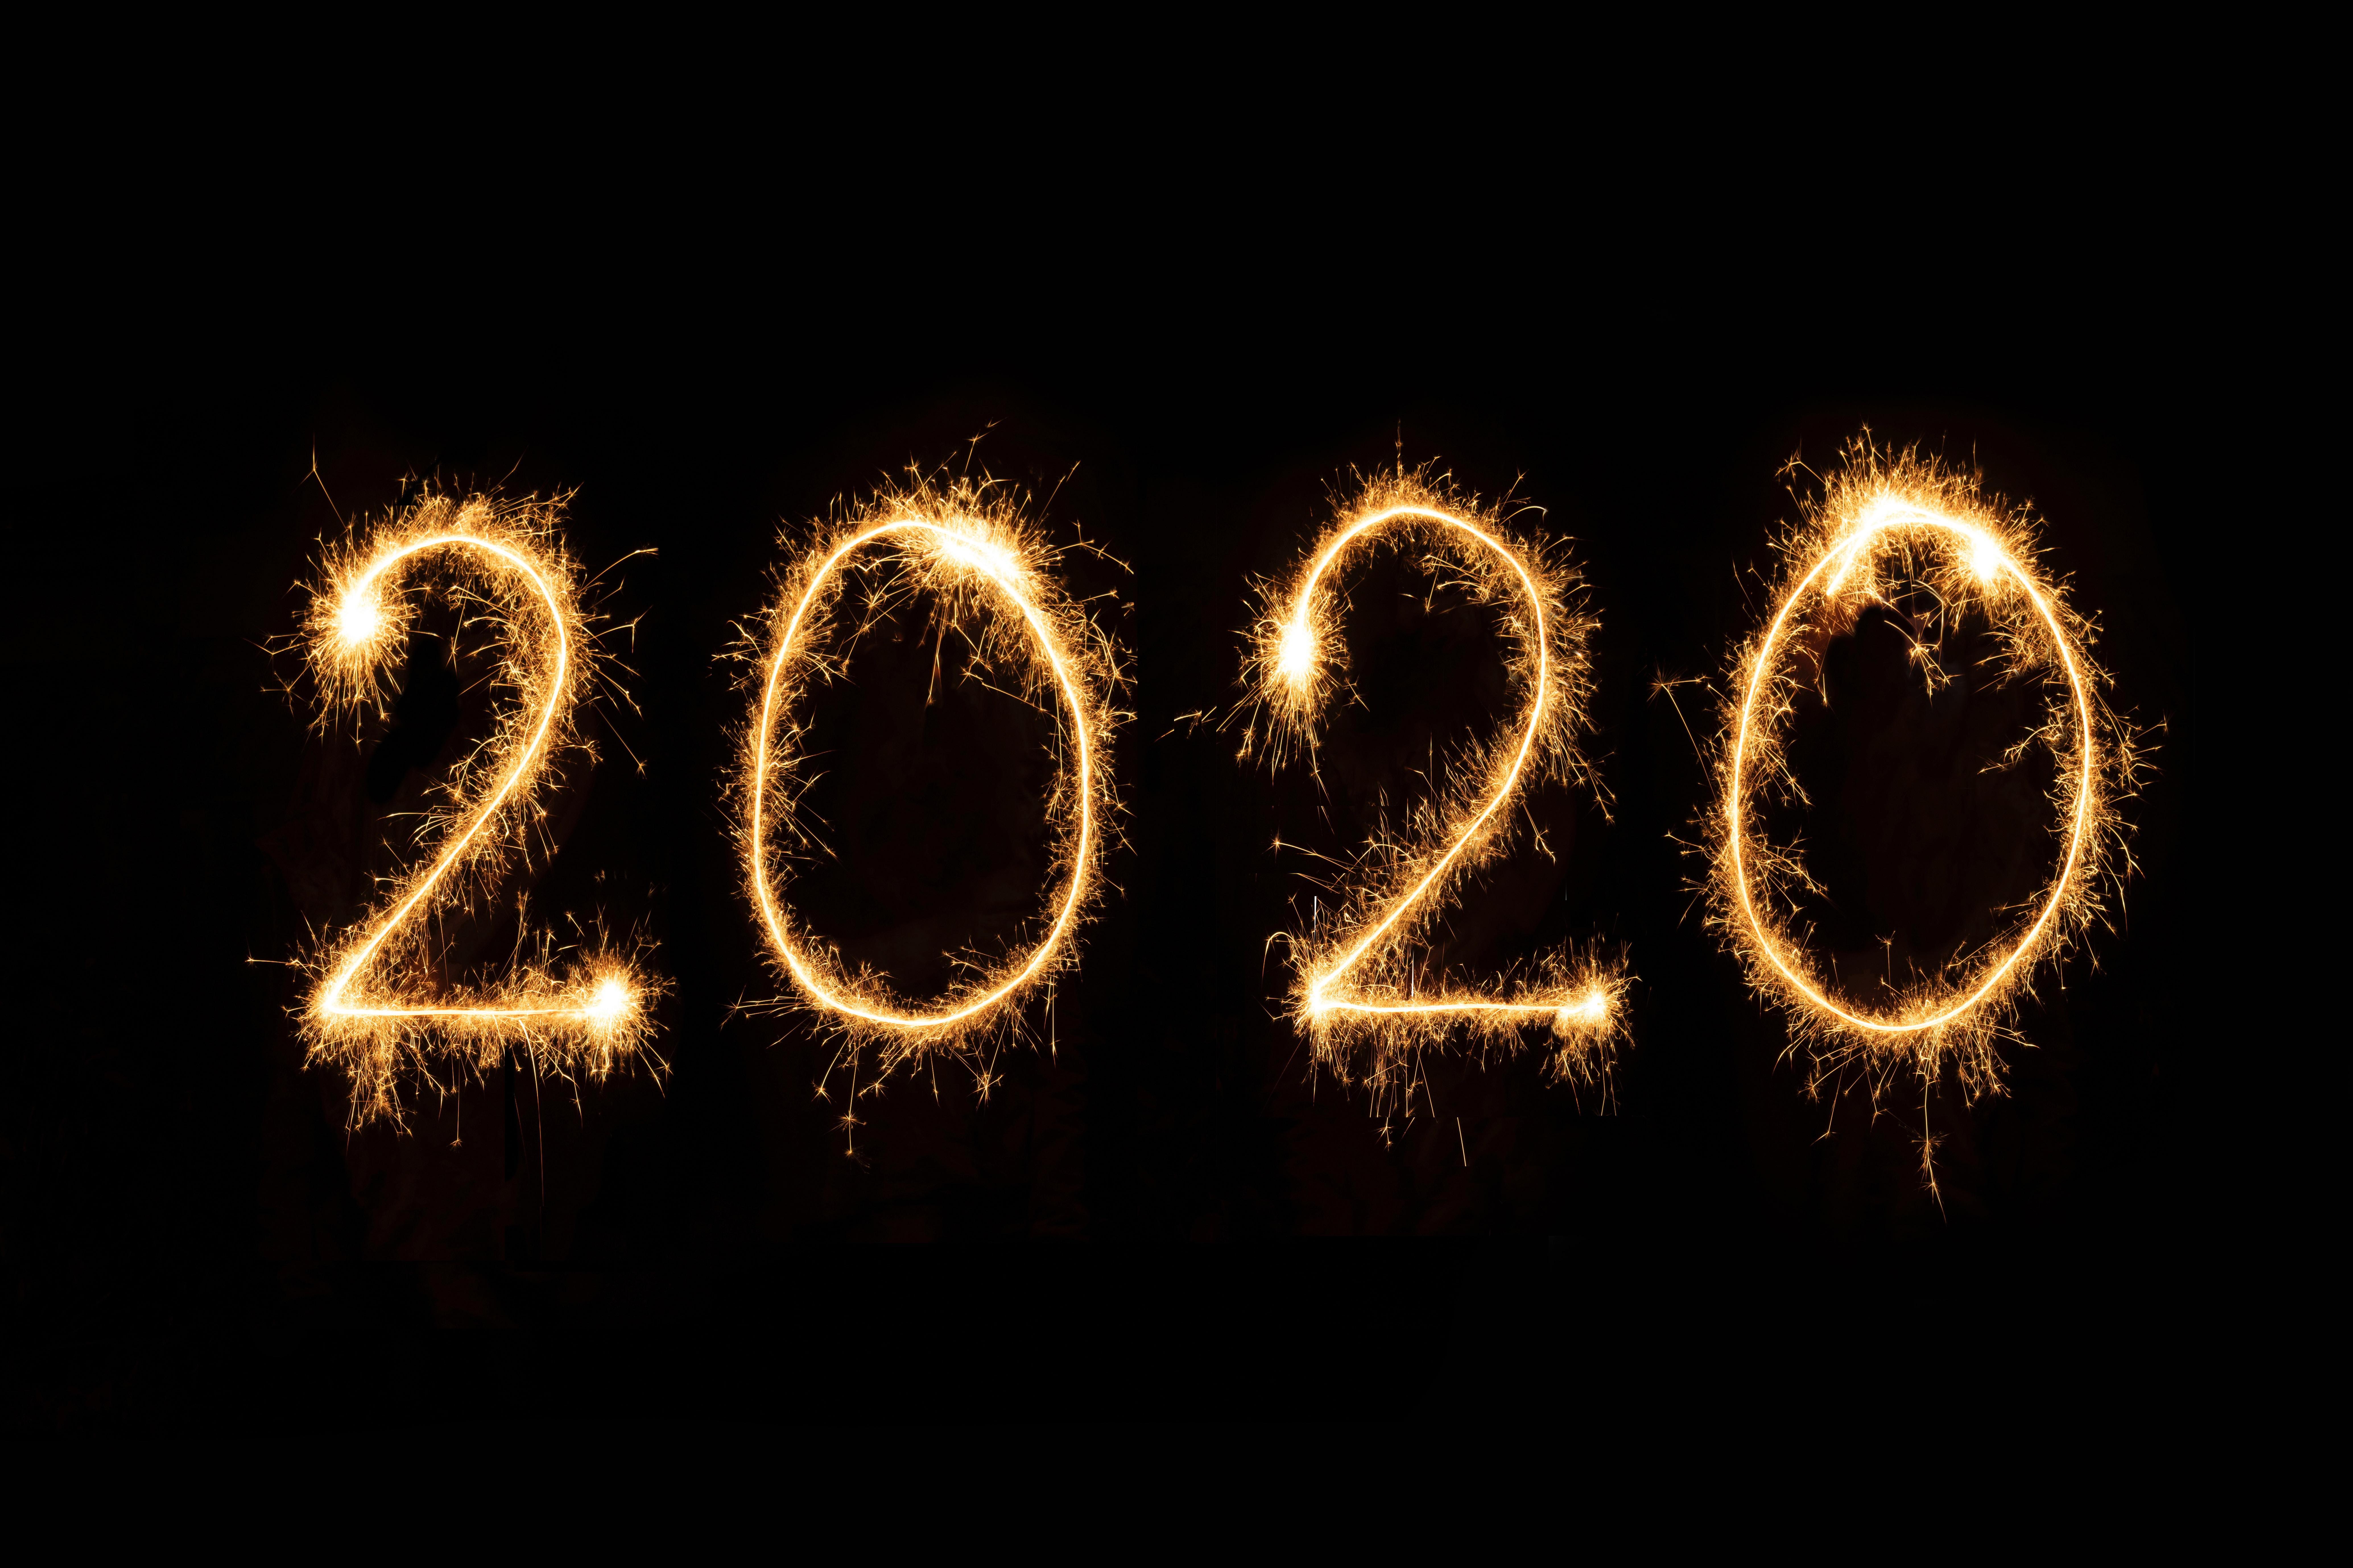 First Quarter 2020 Outlook Thumbnail